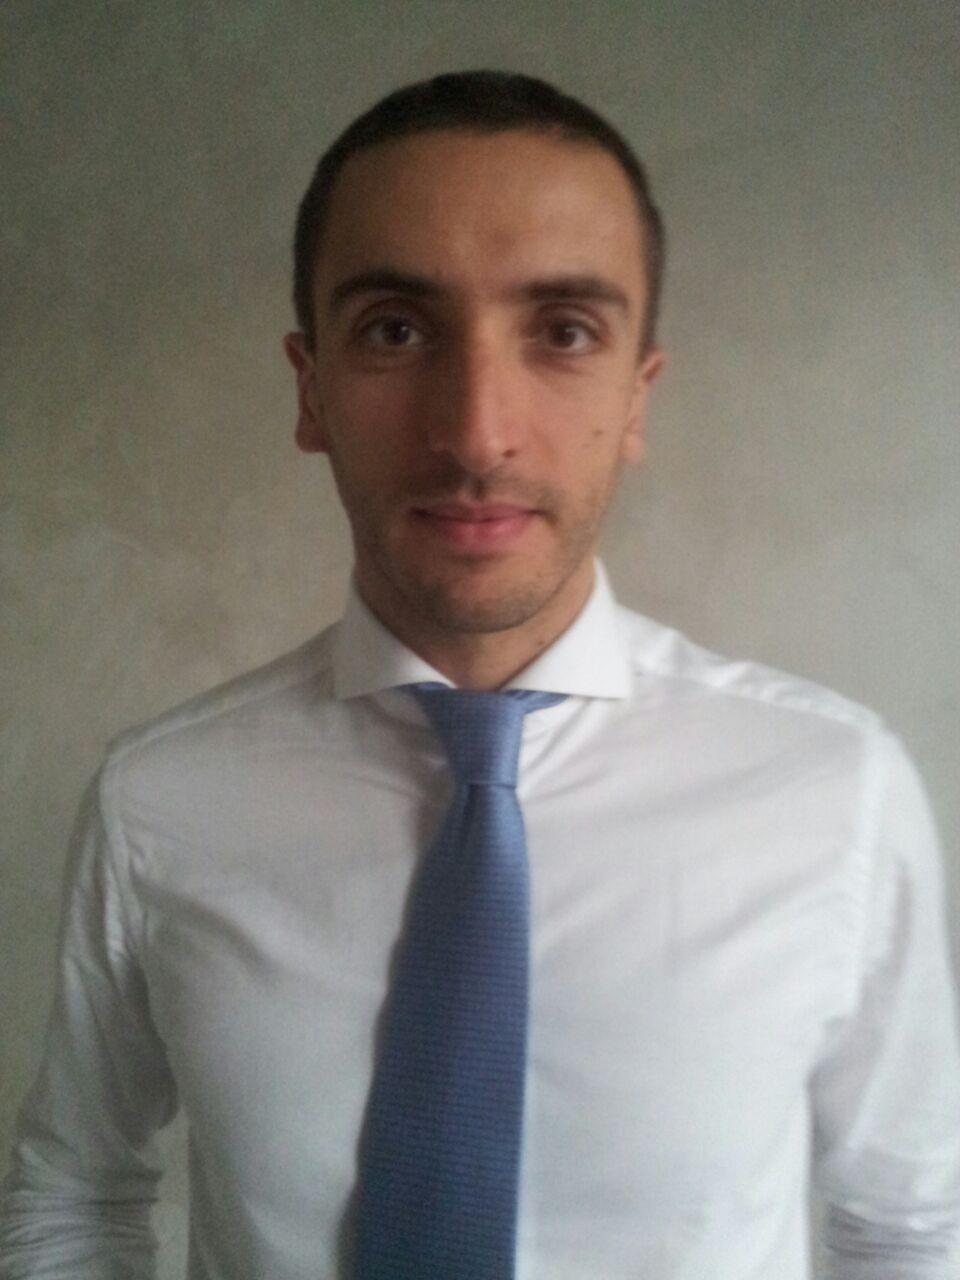 Luca Binda